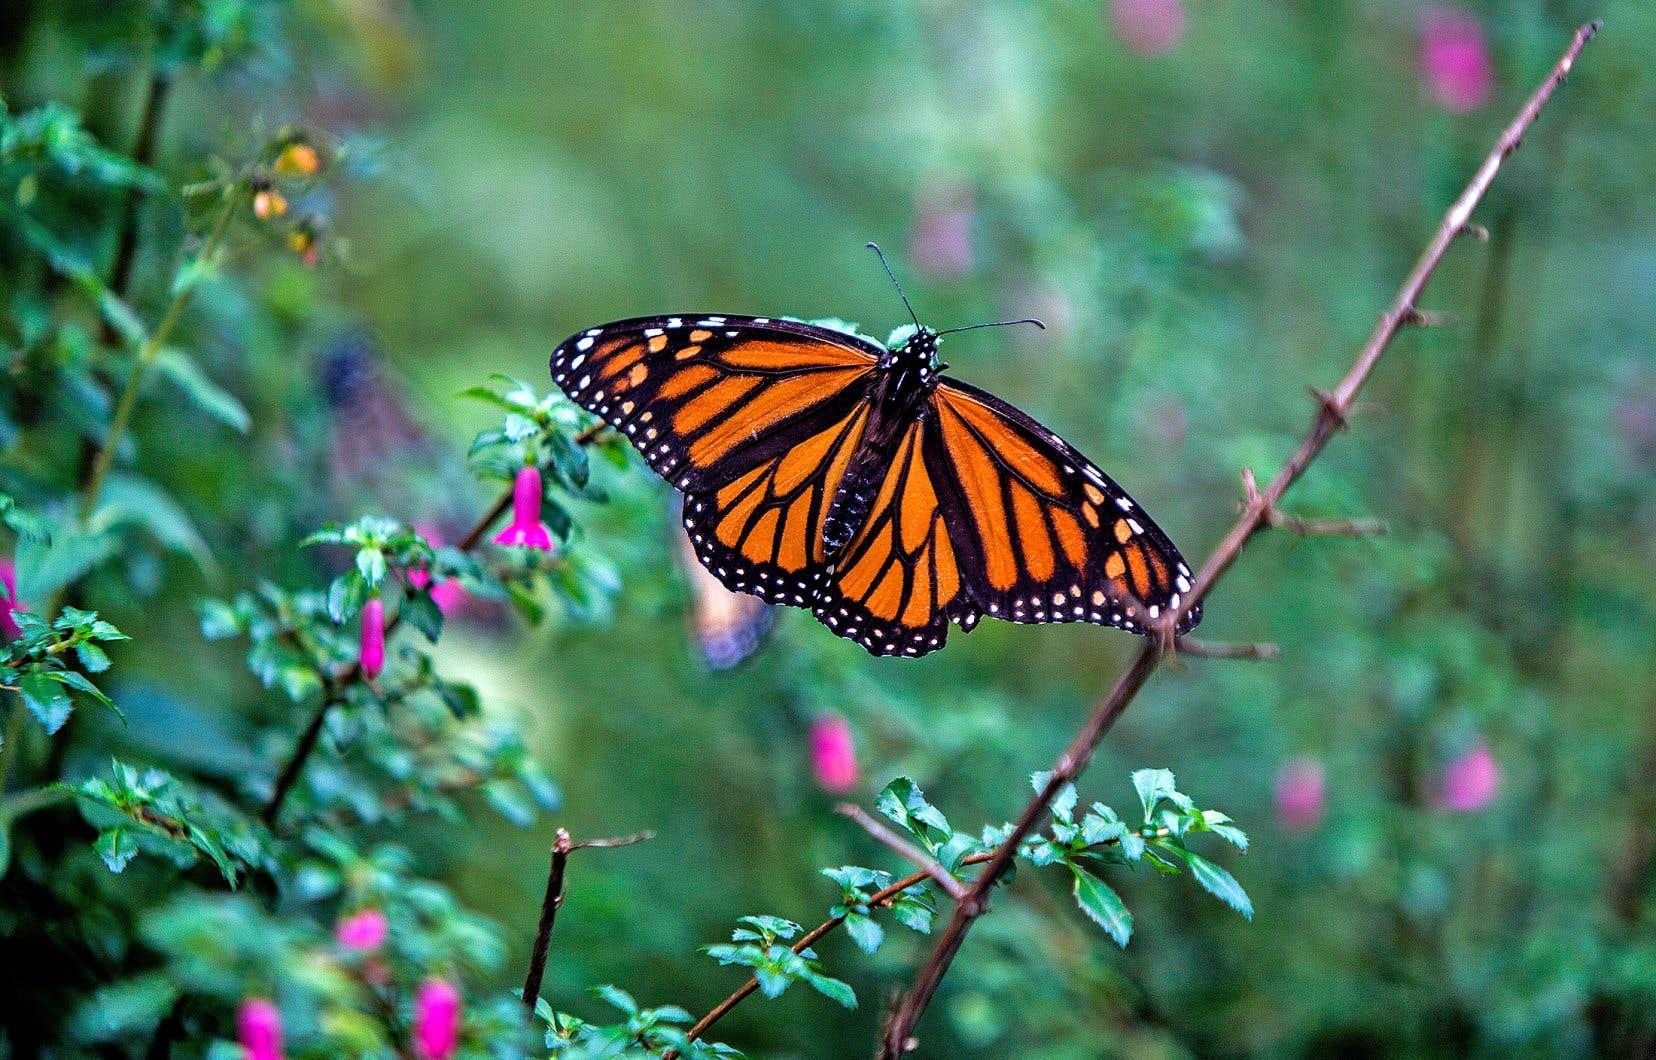 La majorité des papillons monarques de l'est de l'Amérique du Nord sont migrateurs. Certains individus ont toutefois élu domicile dans le sud des États-Unis, où ils forment de petites colonies isolées.